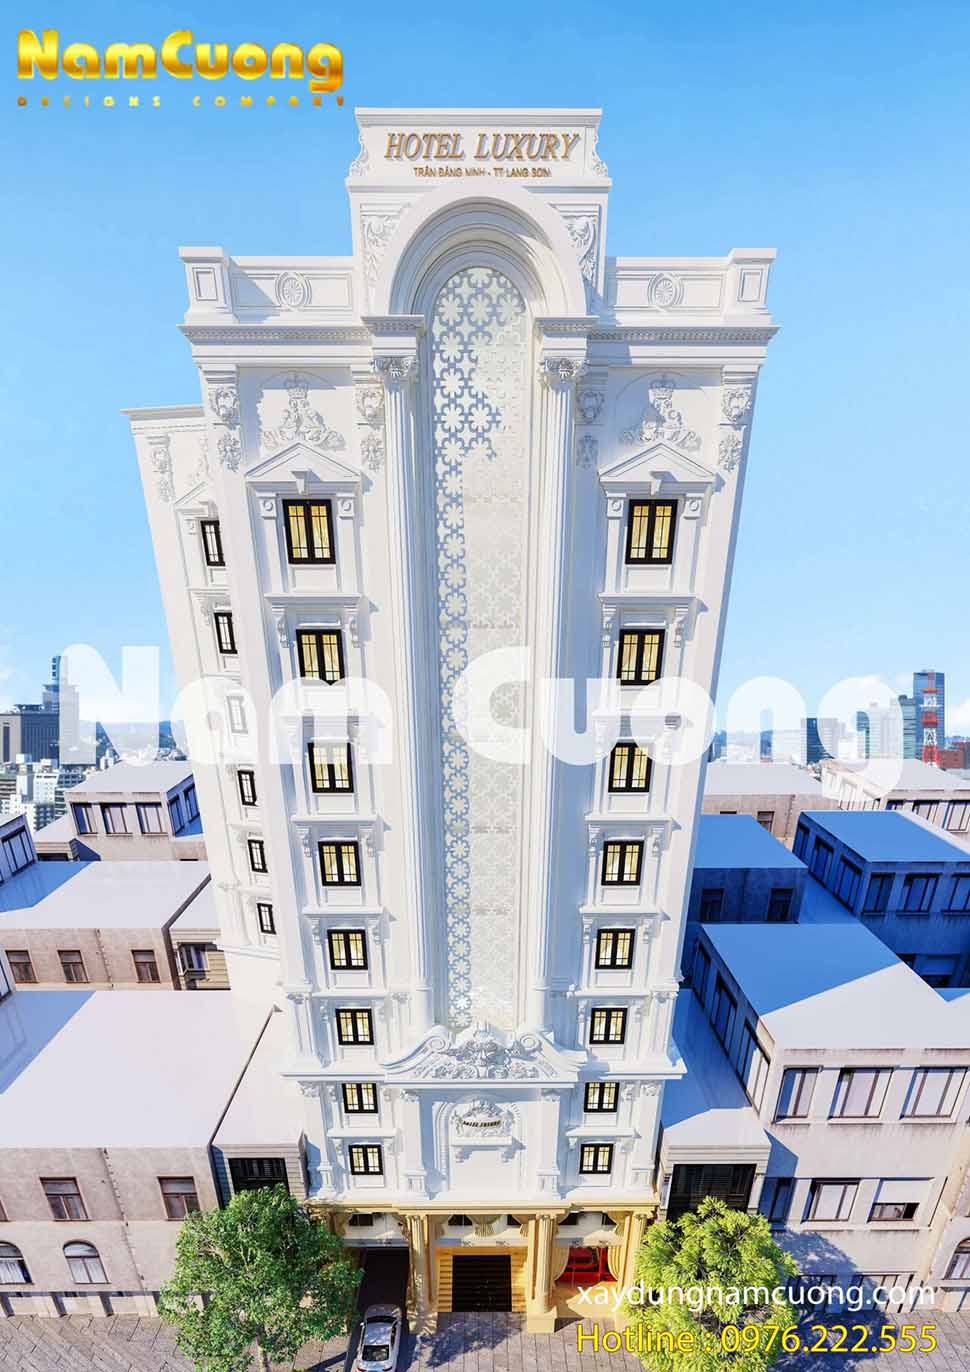 Góc view thể hiện sự đẳng cấp của khách sạn tân cổ điển 11 tầng